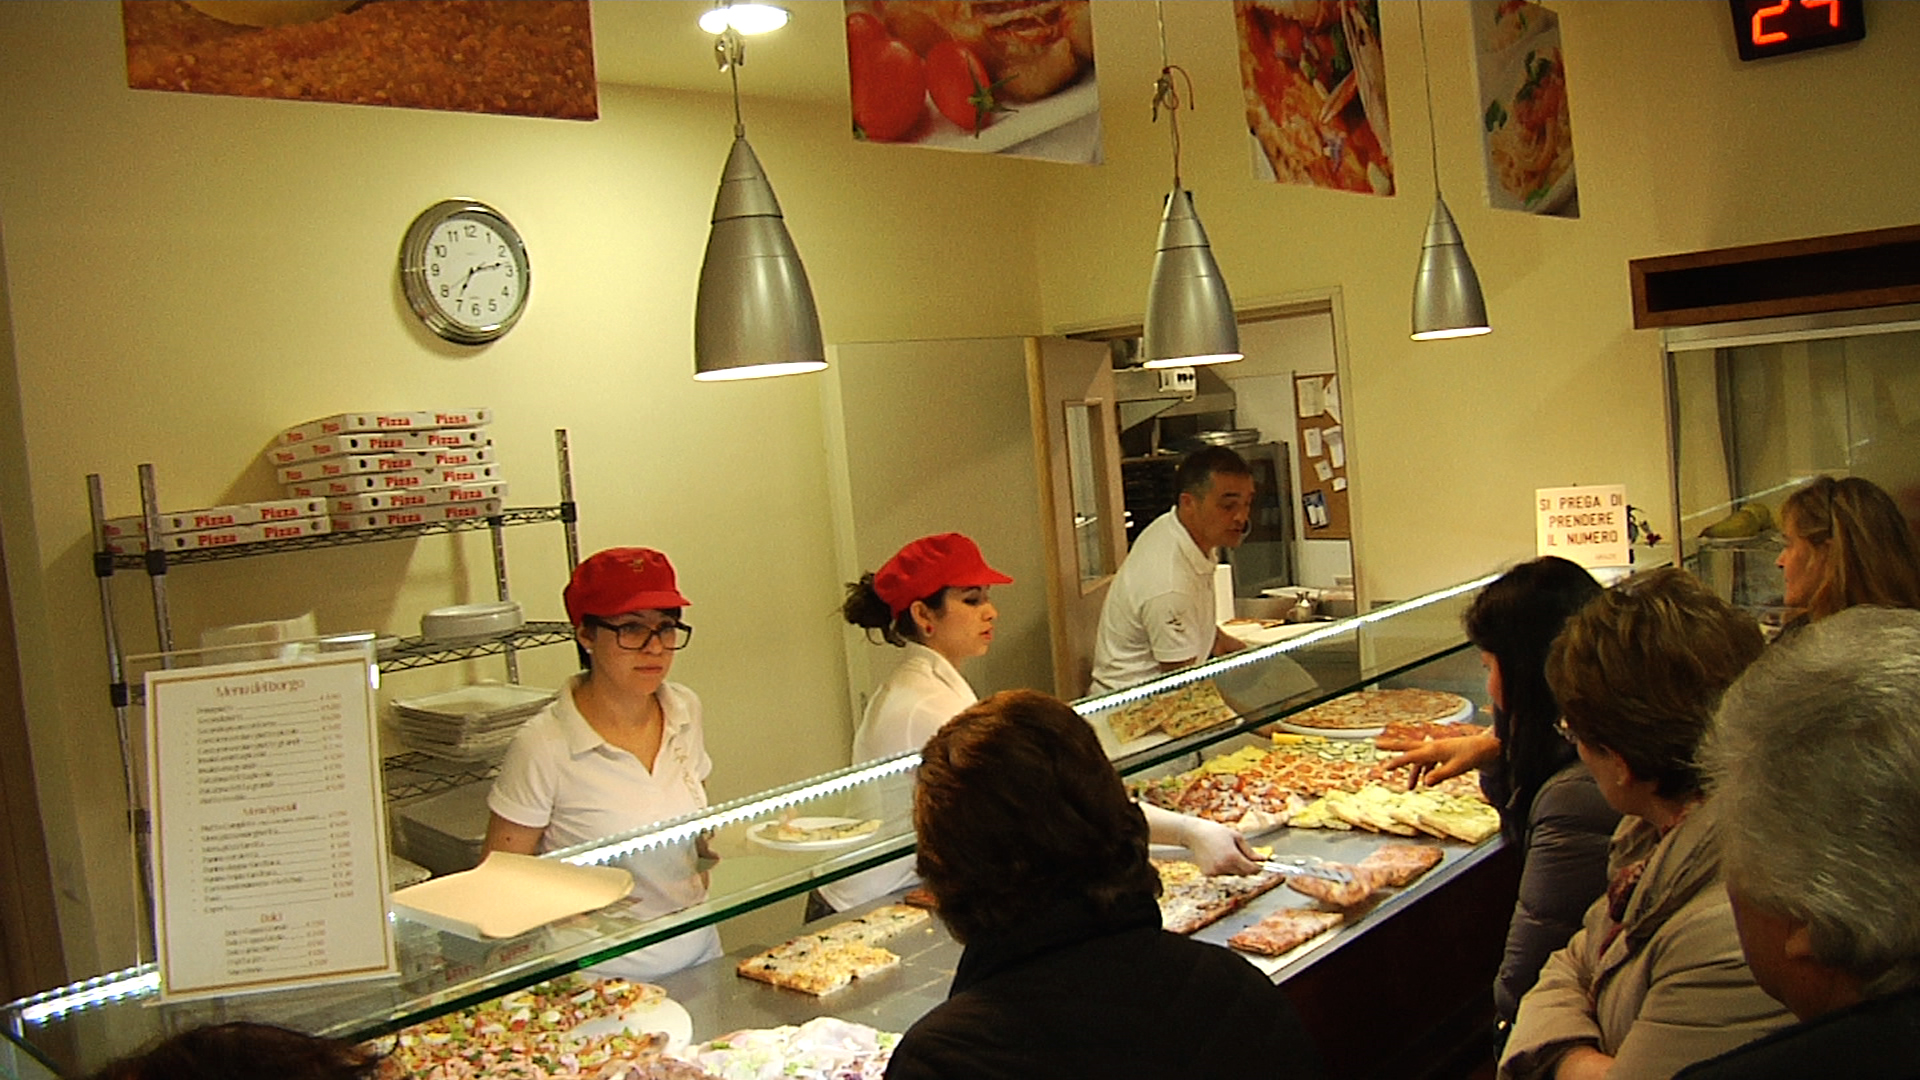 La pizza (ma non solo) è regina alla Pizzeria del Borgo